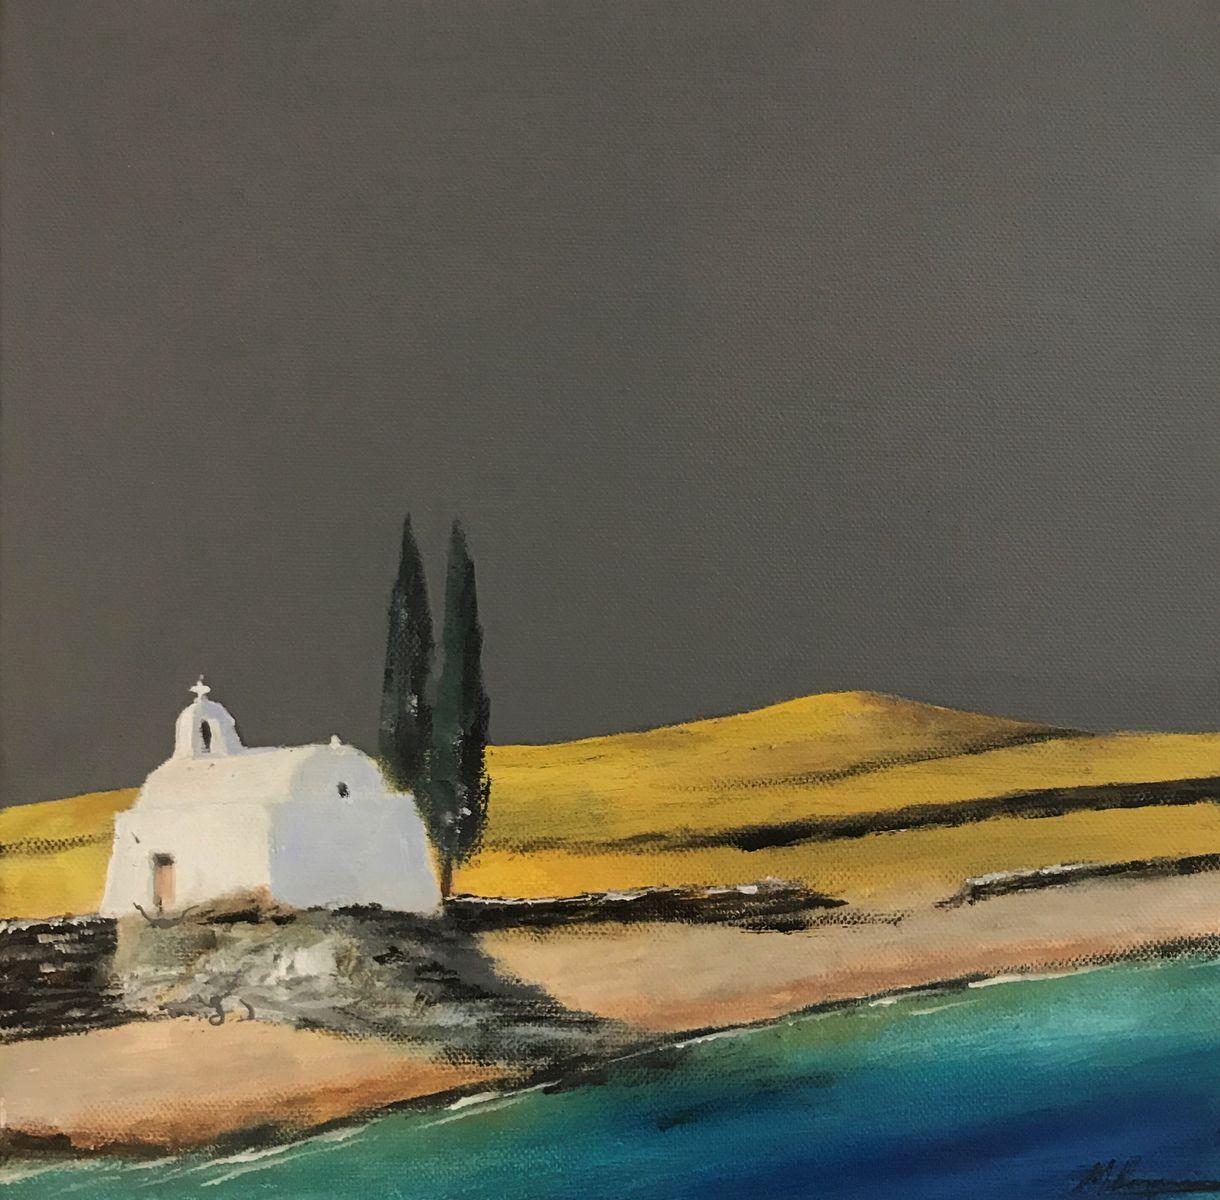 Μιχάλης Καλοκαιρινός 30×30 εκ Ακρυλικά σε καμβά Michael Kalokairinos 30×30 cm Acrylics on canvas